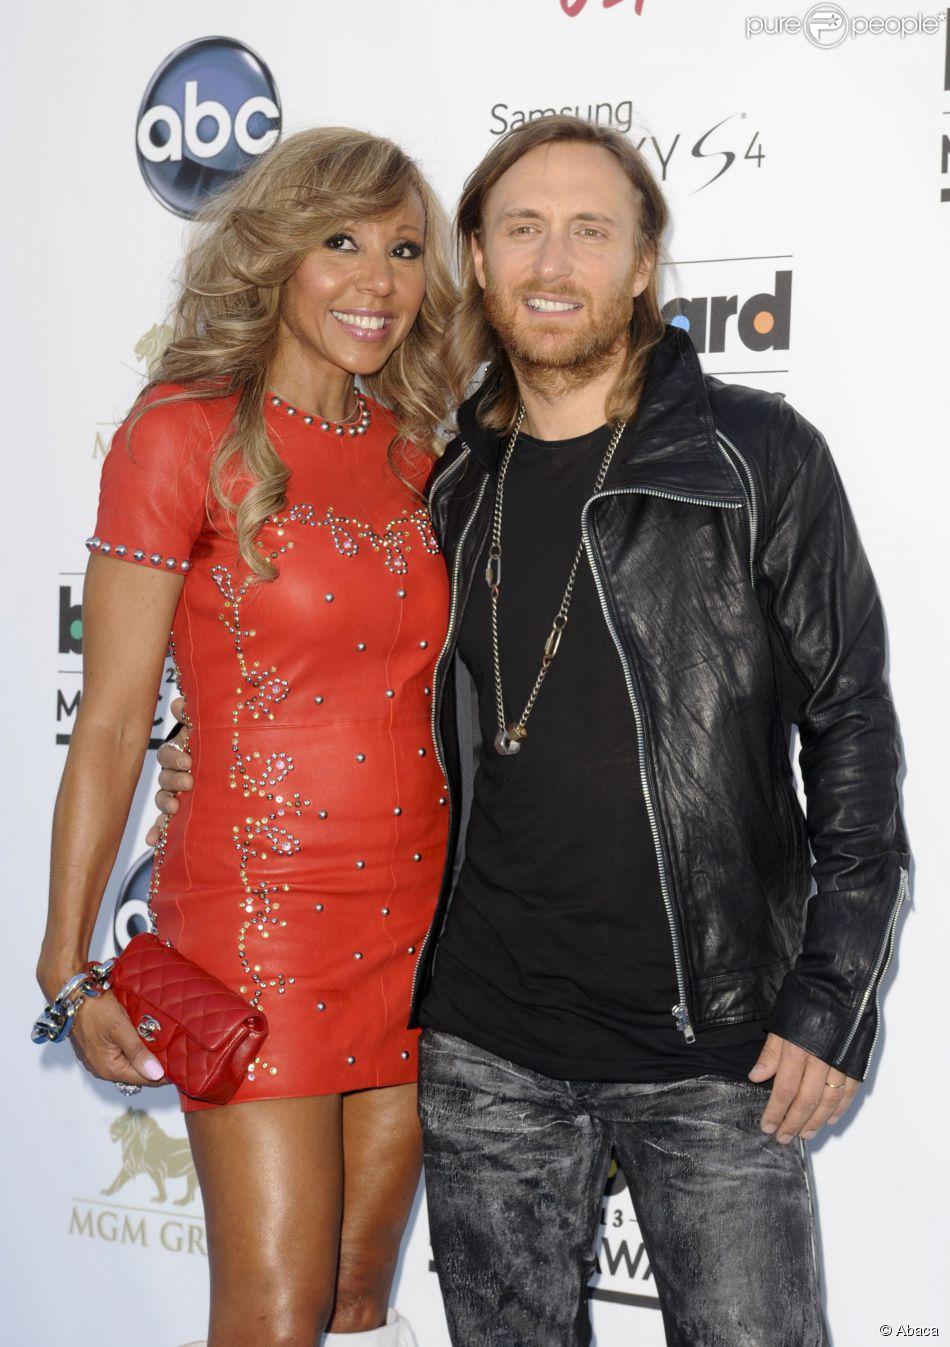 David Guetta e casado com Cathy Guetta e pai de dois filhos